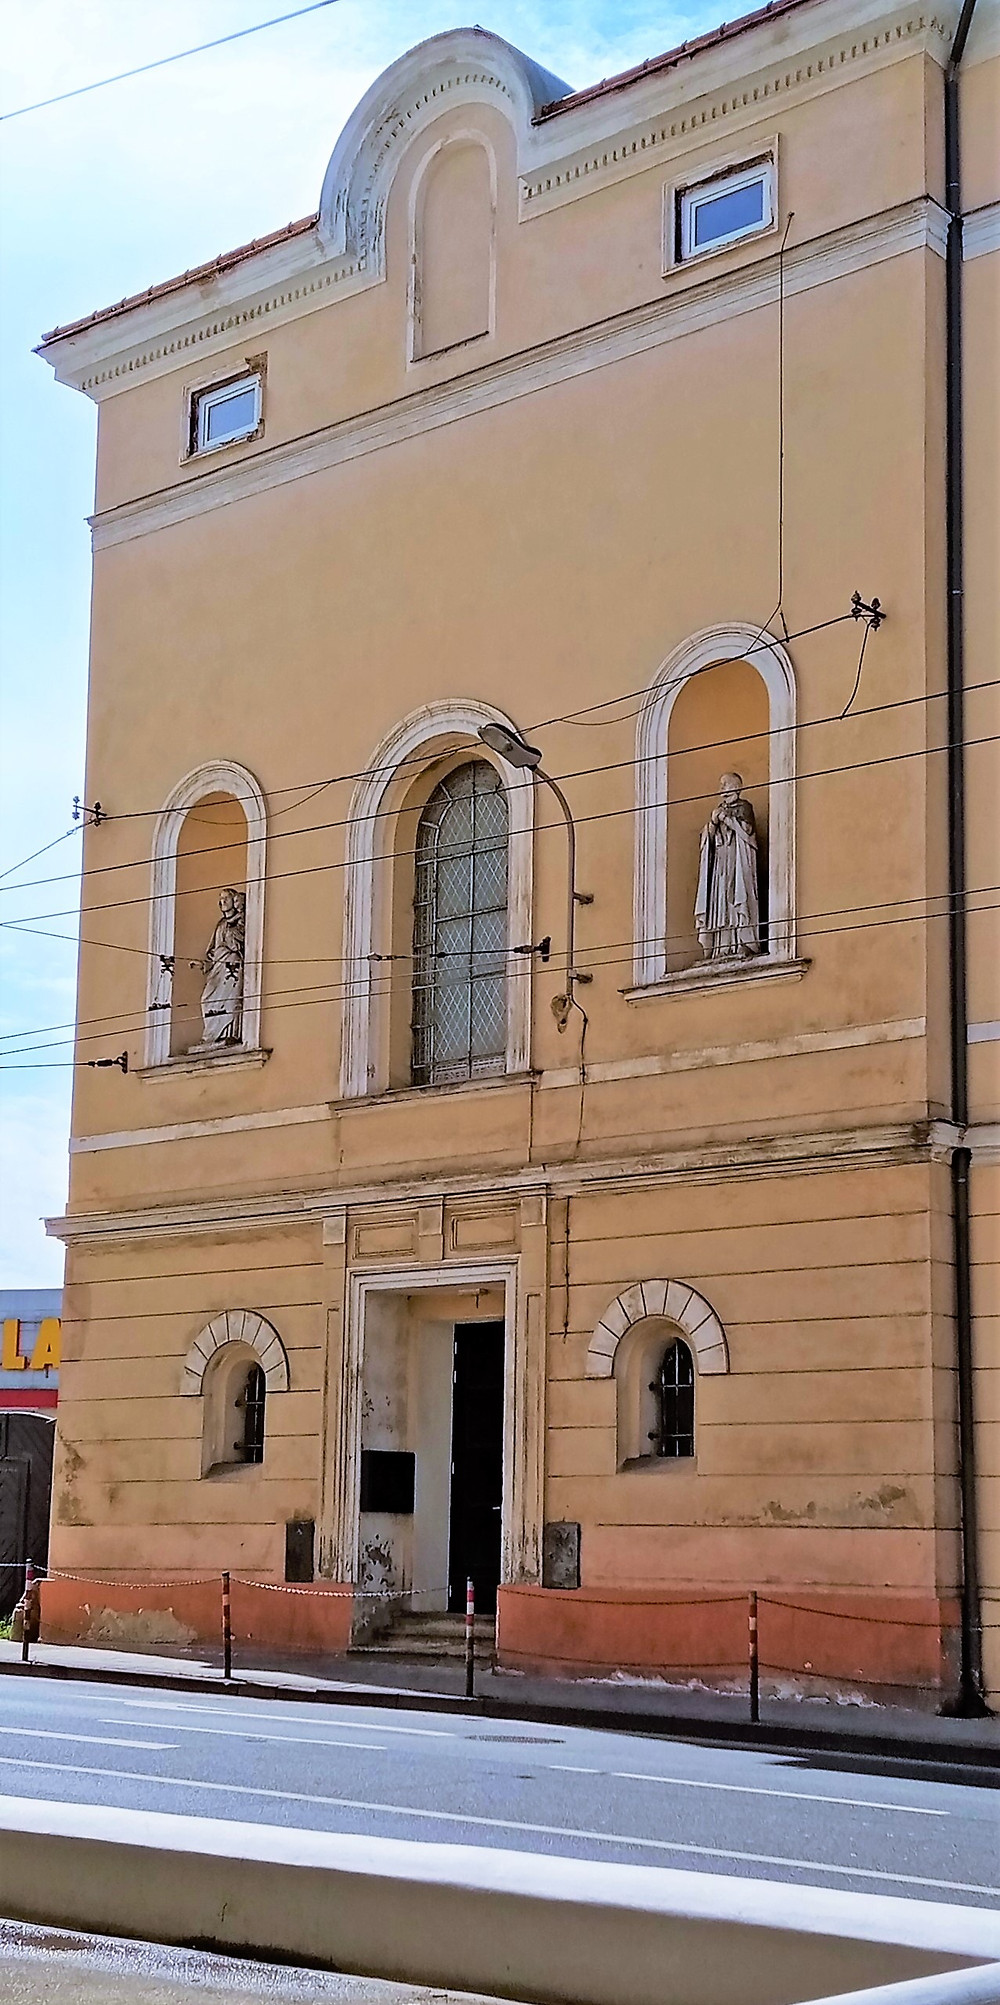 Kaple svatého Karla Boromejského v bývalém klášteře kongregace Milosrdných sester svatého Karla Boromejského